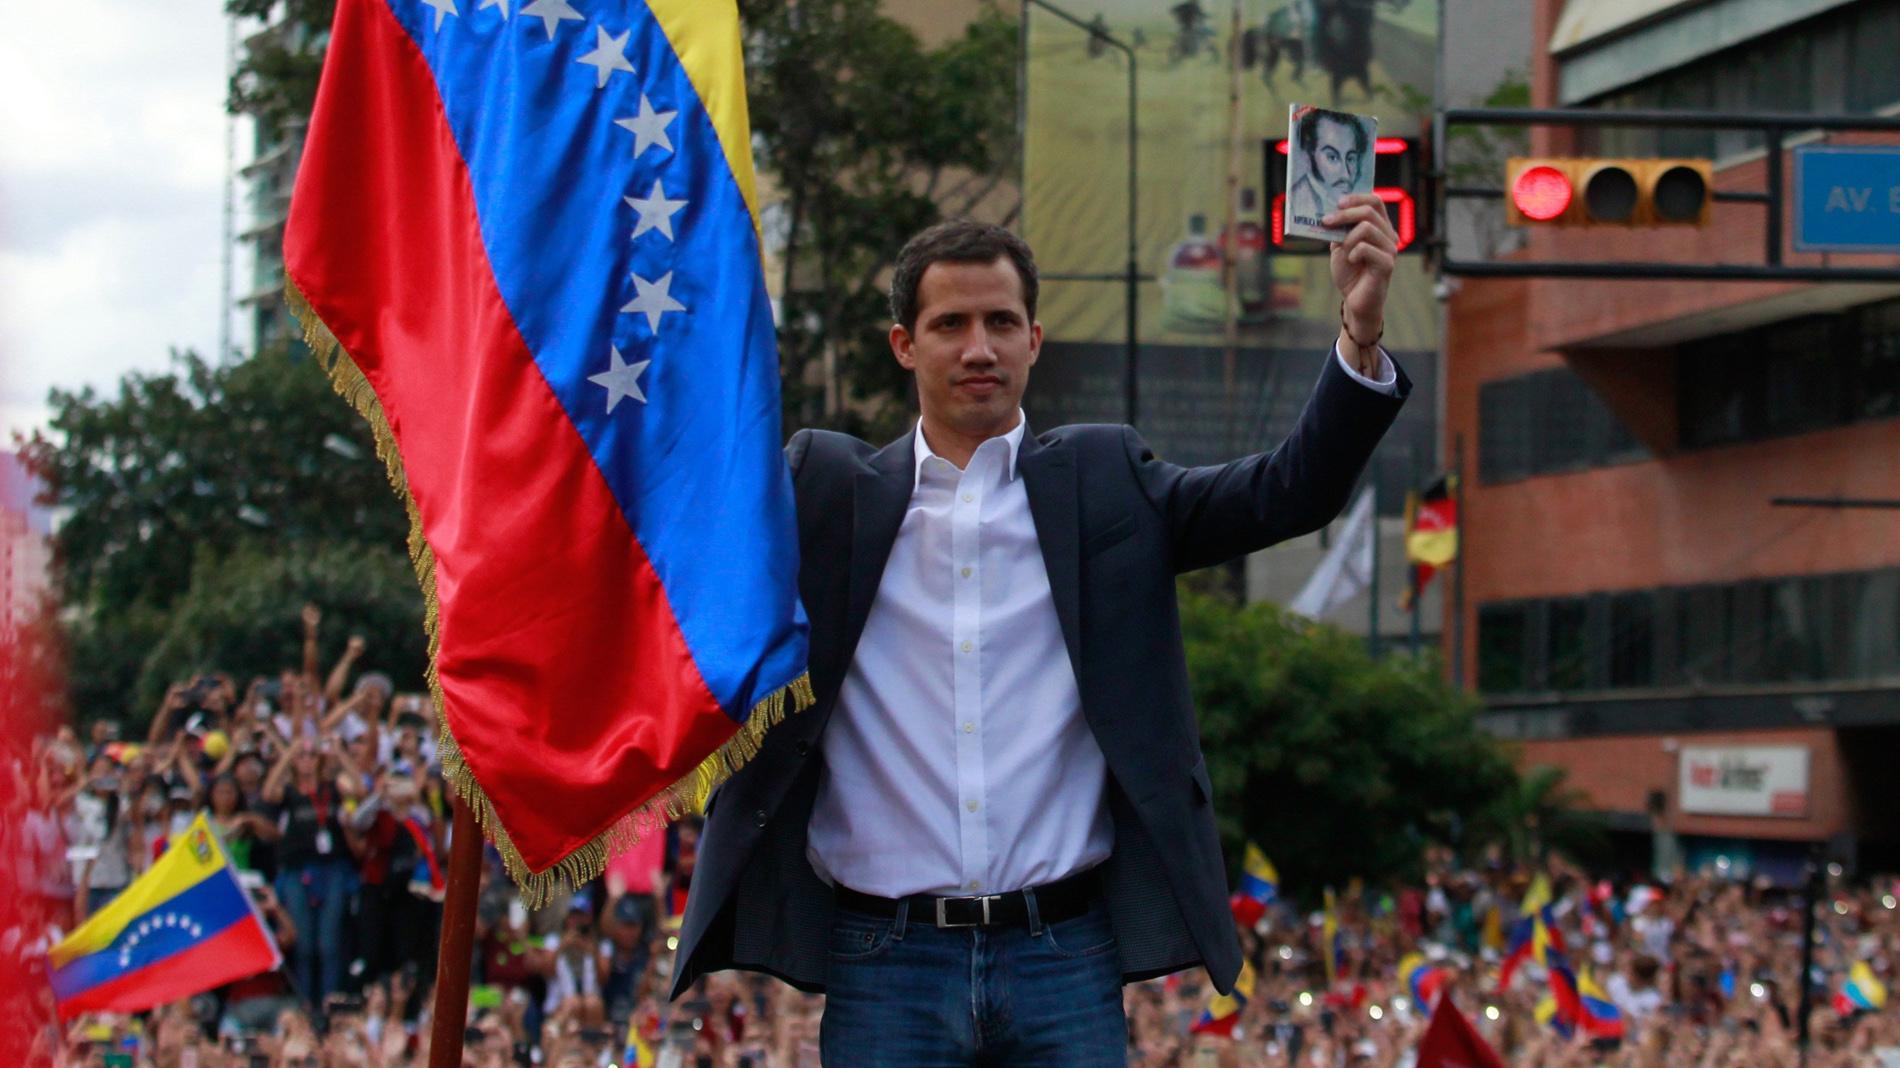 La movilización contra Maduro culmina con la autoproclamación de Guaidó como presidente de Venezuela